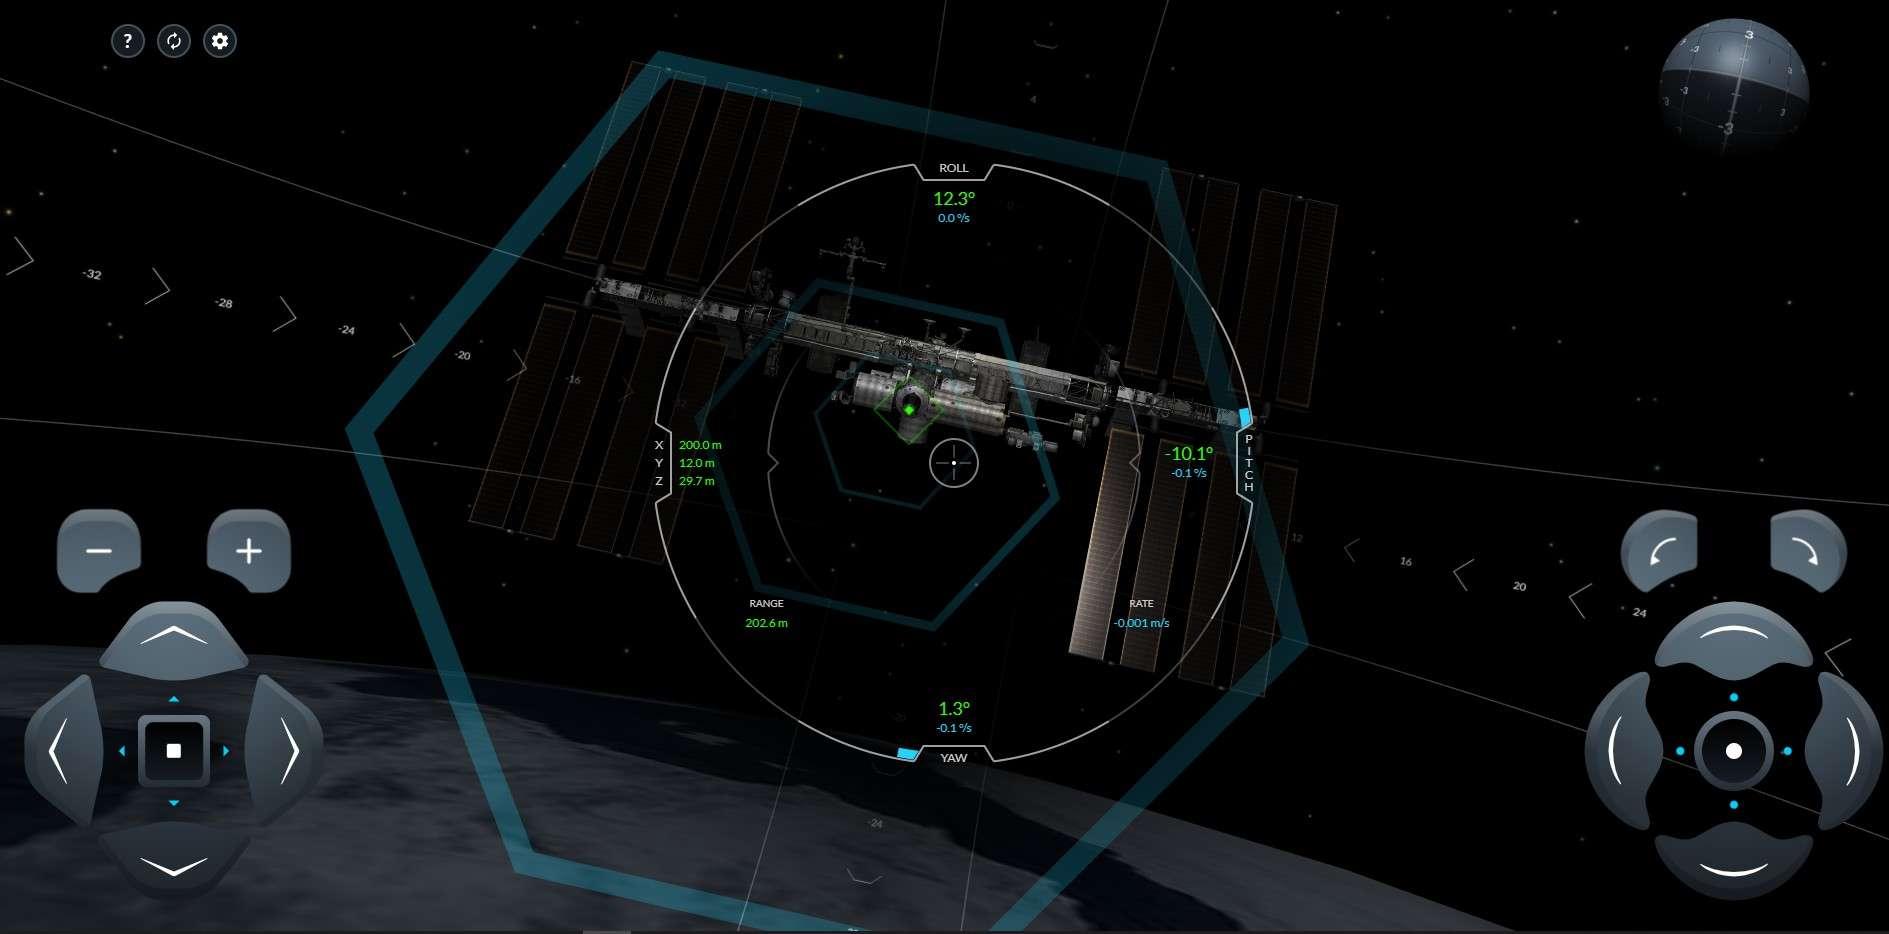 Le simulateur d'amarrage à l'ISS du vaisseau Crew Dragon. Cette interface est la même que celle qu'utilisent les astronautes de la Nasa pour s'entrainer. © SpaceX